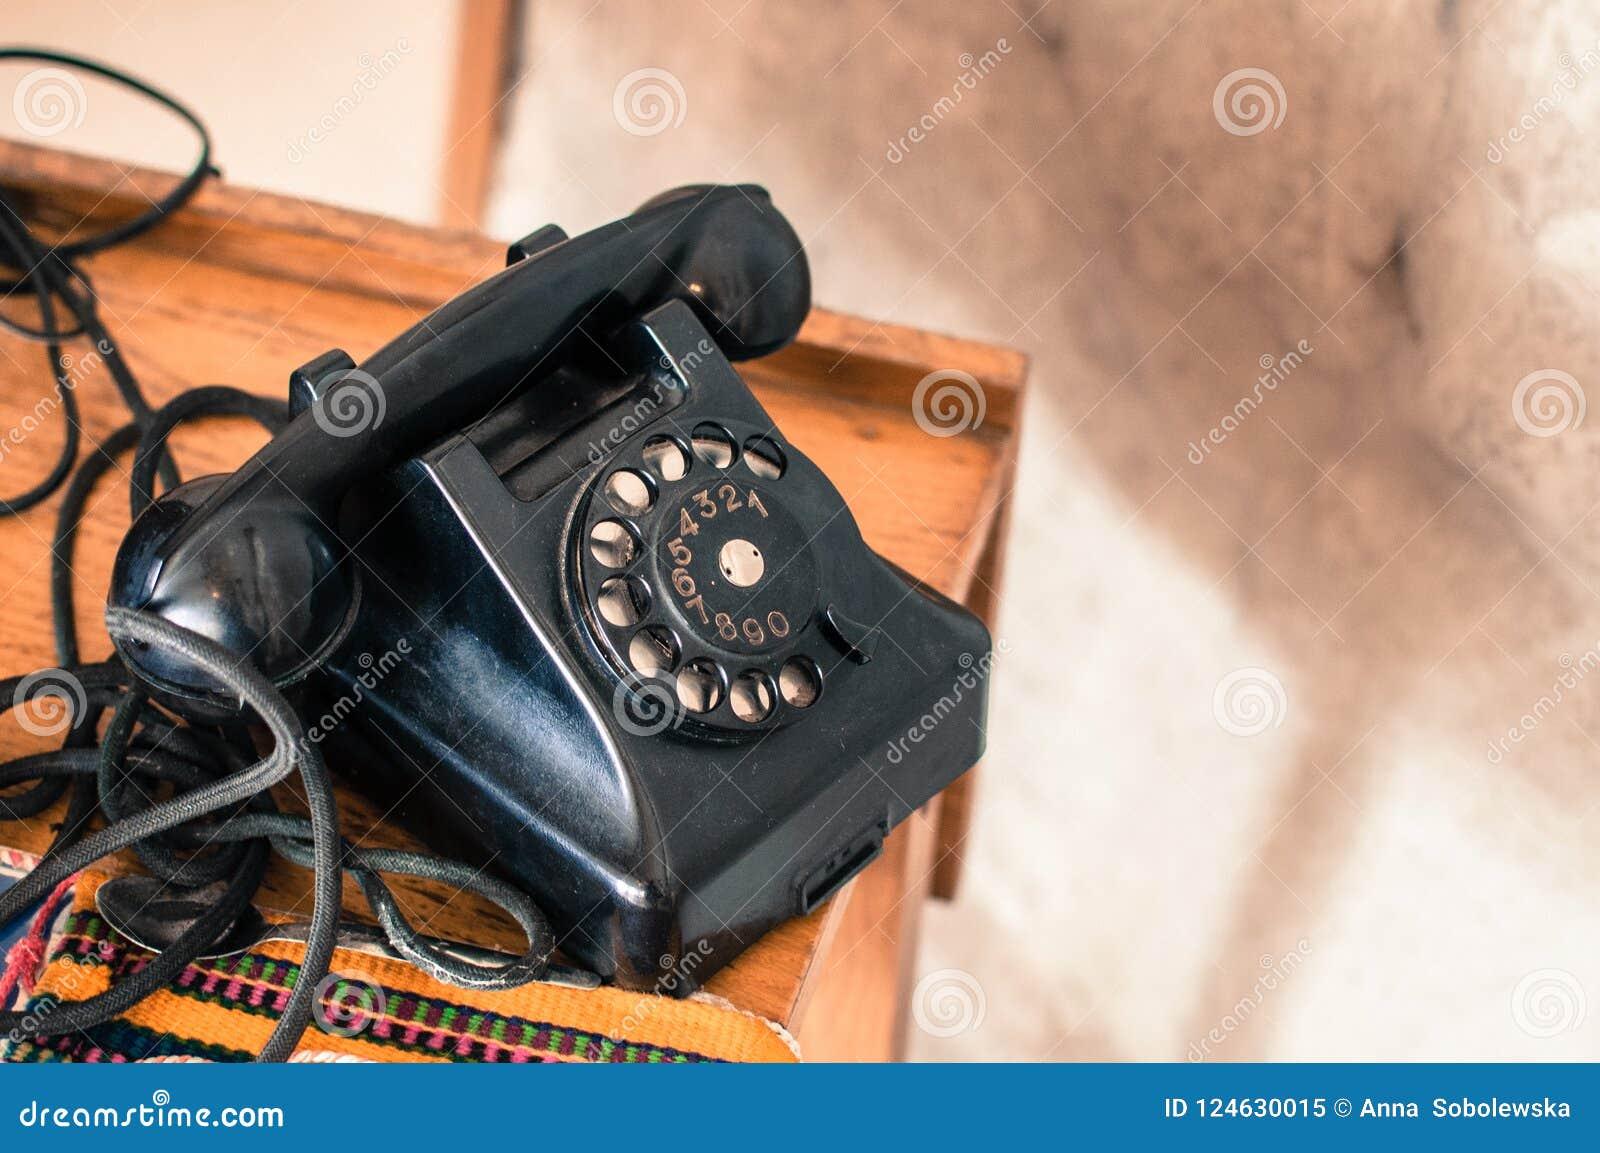 Altmodisches schwarzes Telefon in der Retro-/Weinleseart von der langen gegangenen Ära